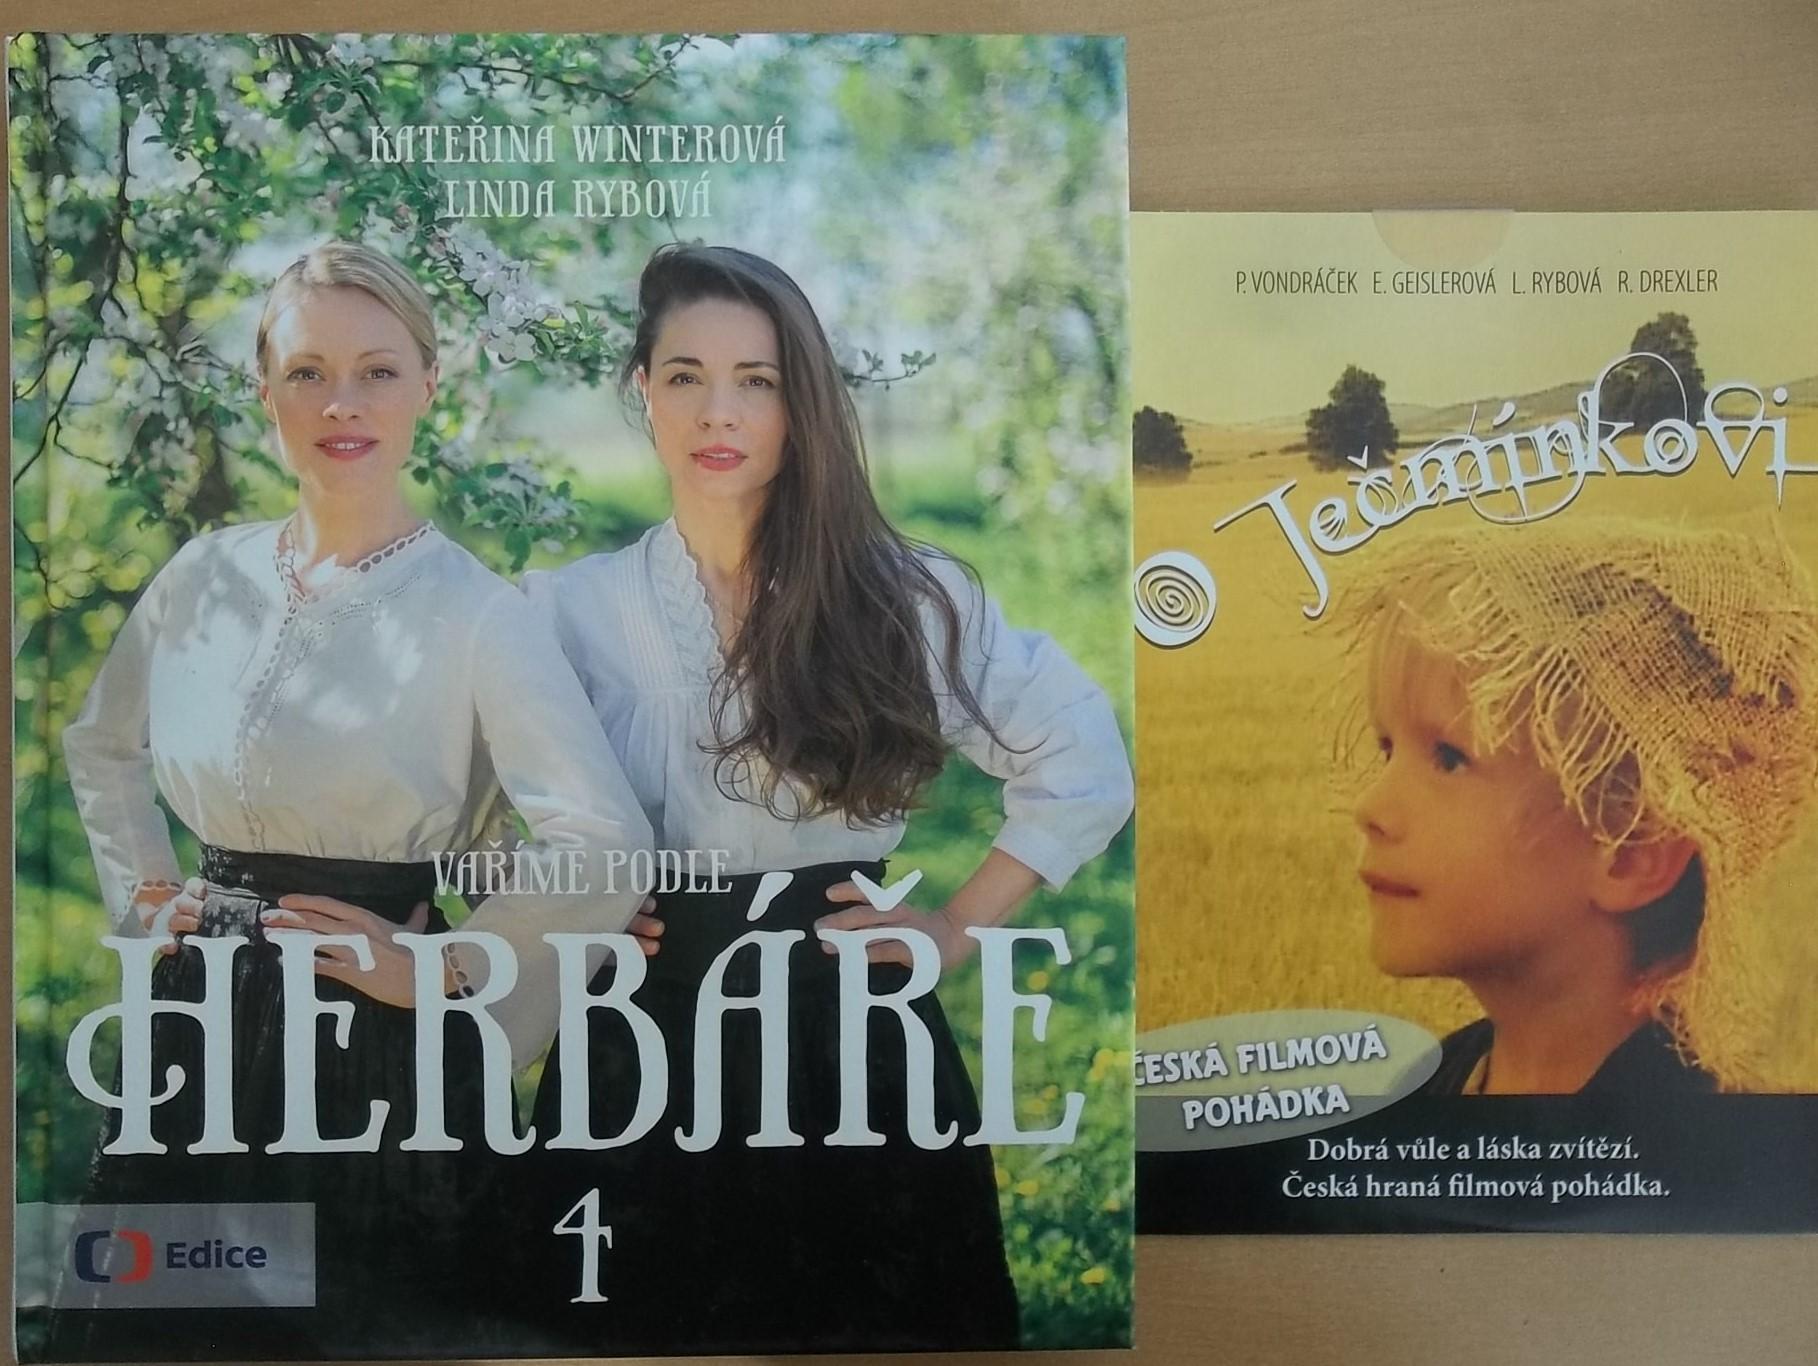 Vaříme podle herbáře 4 - Kateřina Winterová, Linda Rybová + DVD DÁREK